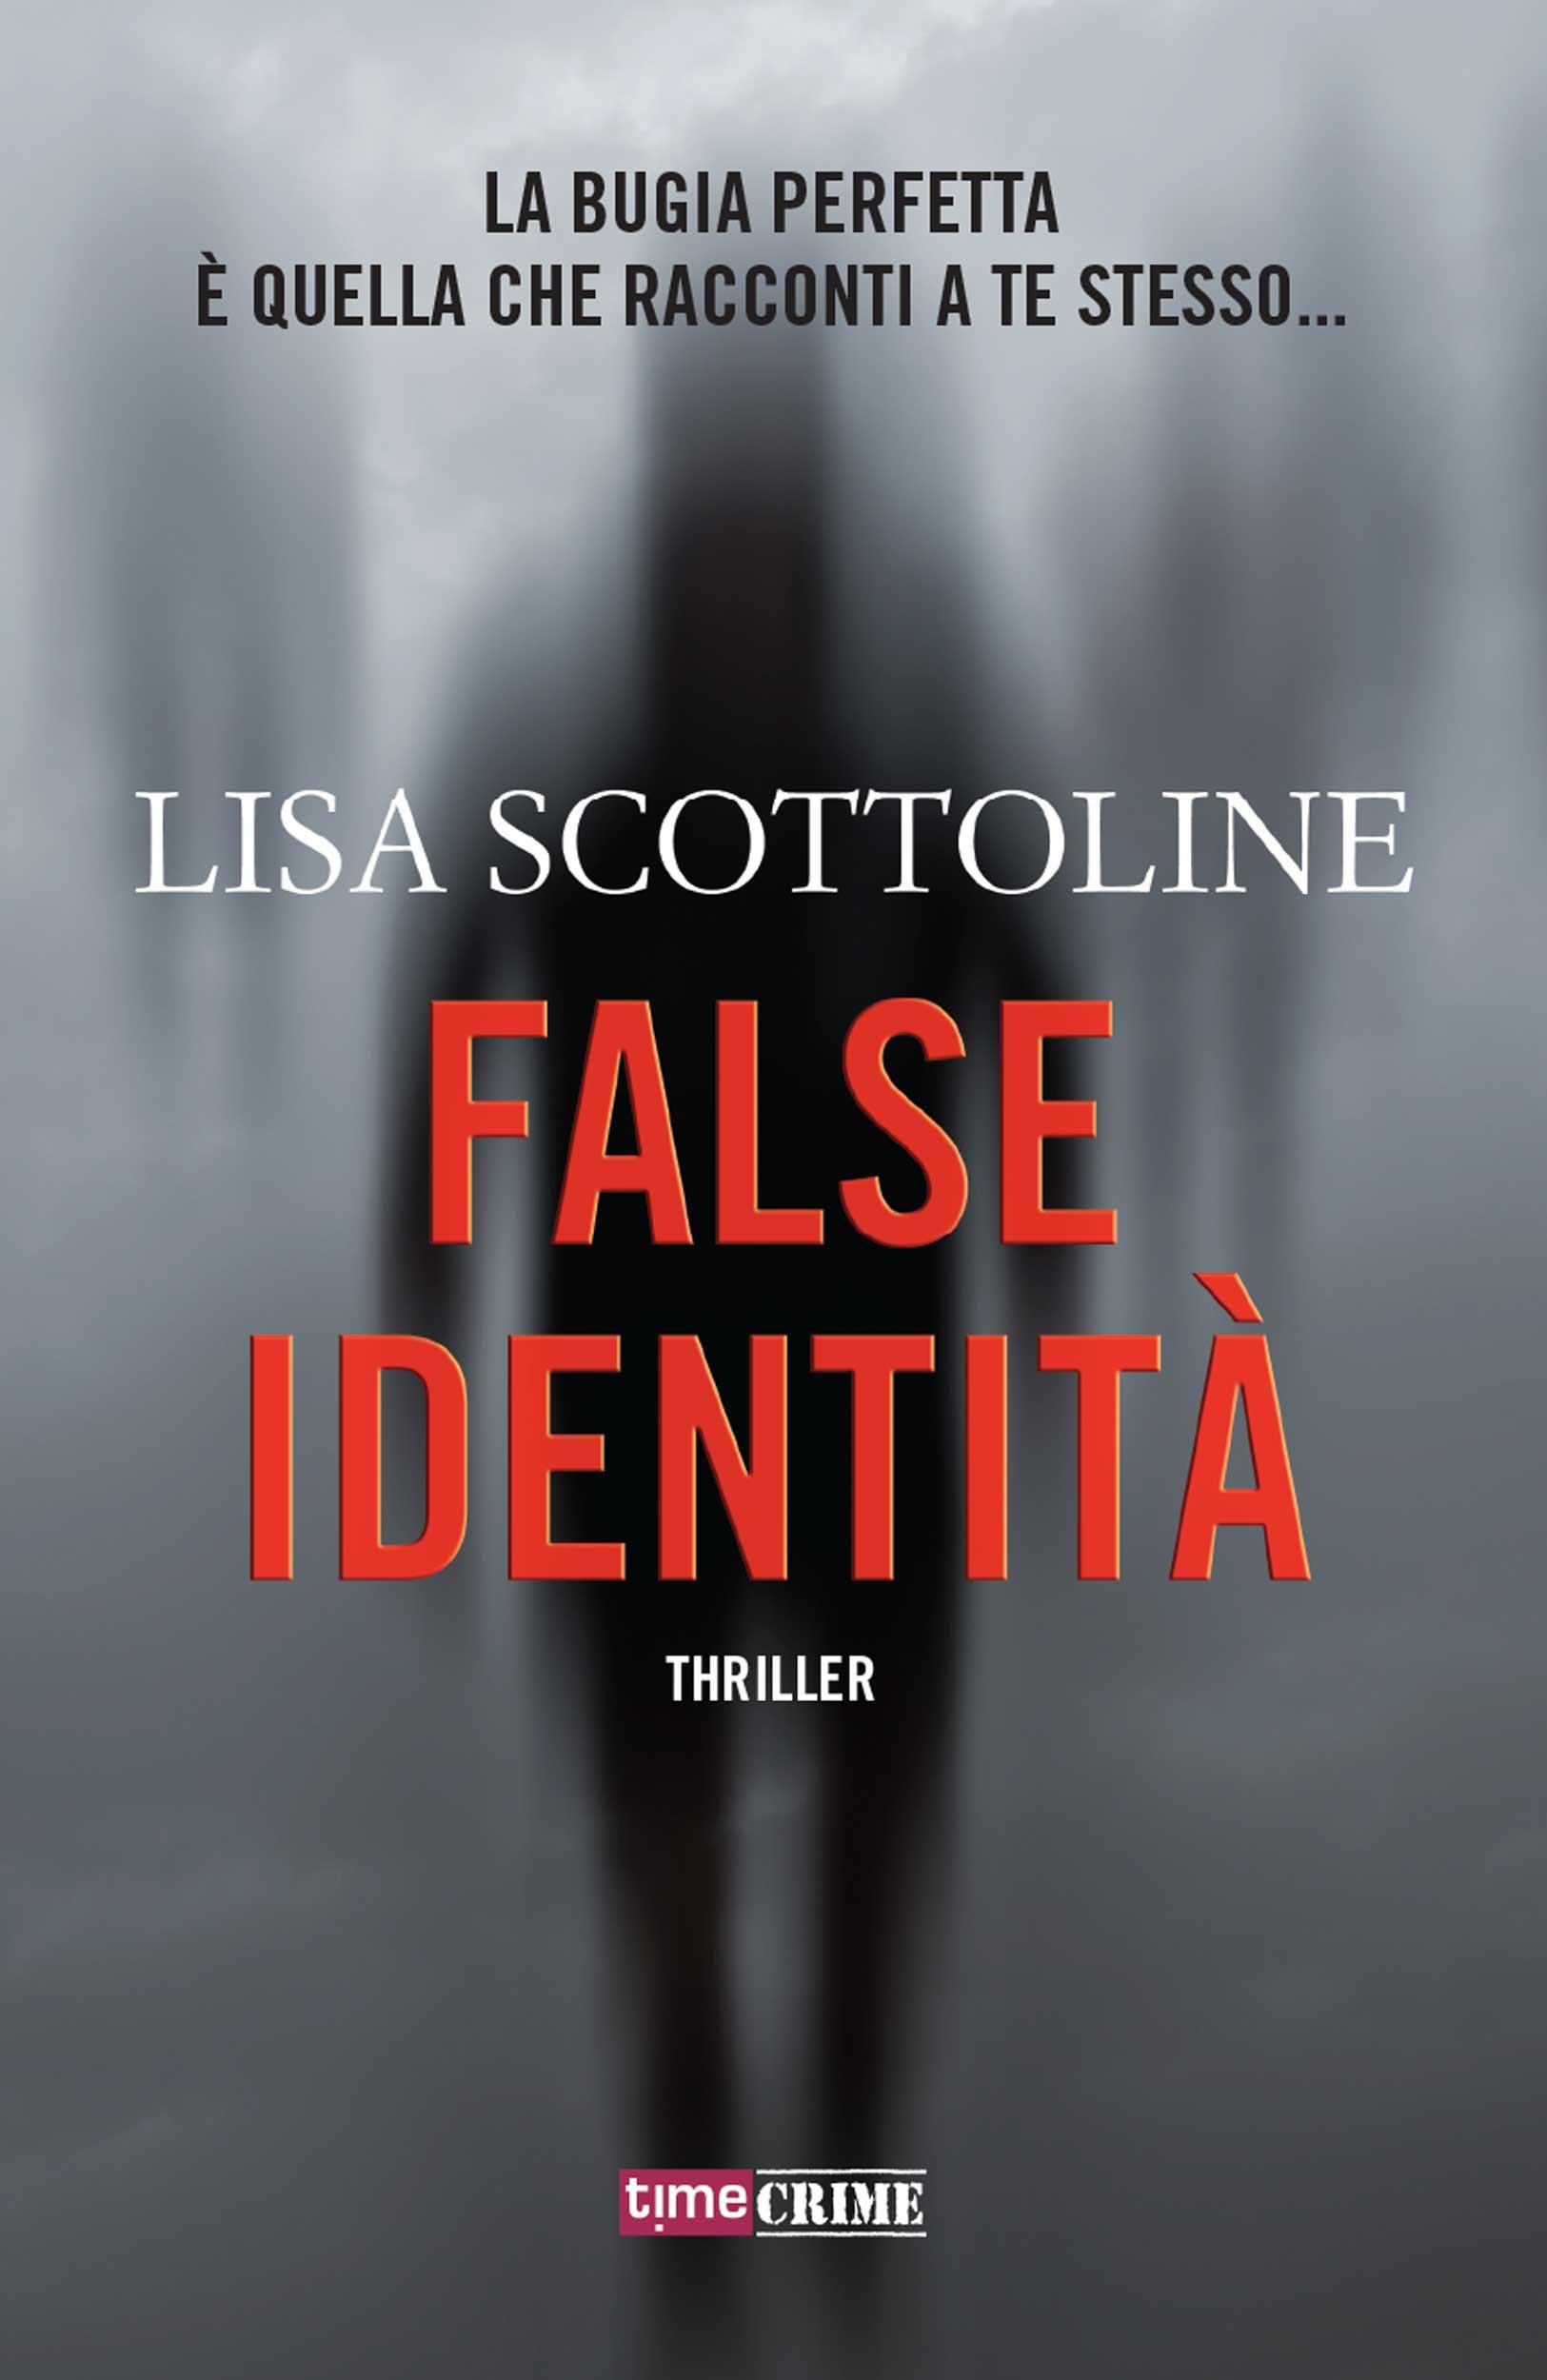 Risultati immagini per False identità time crime